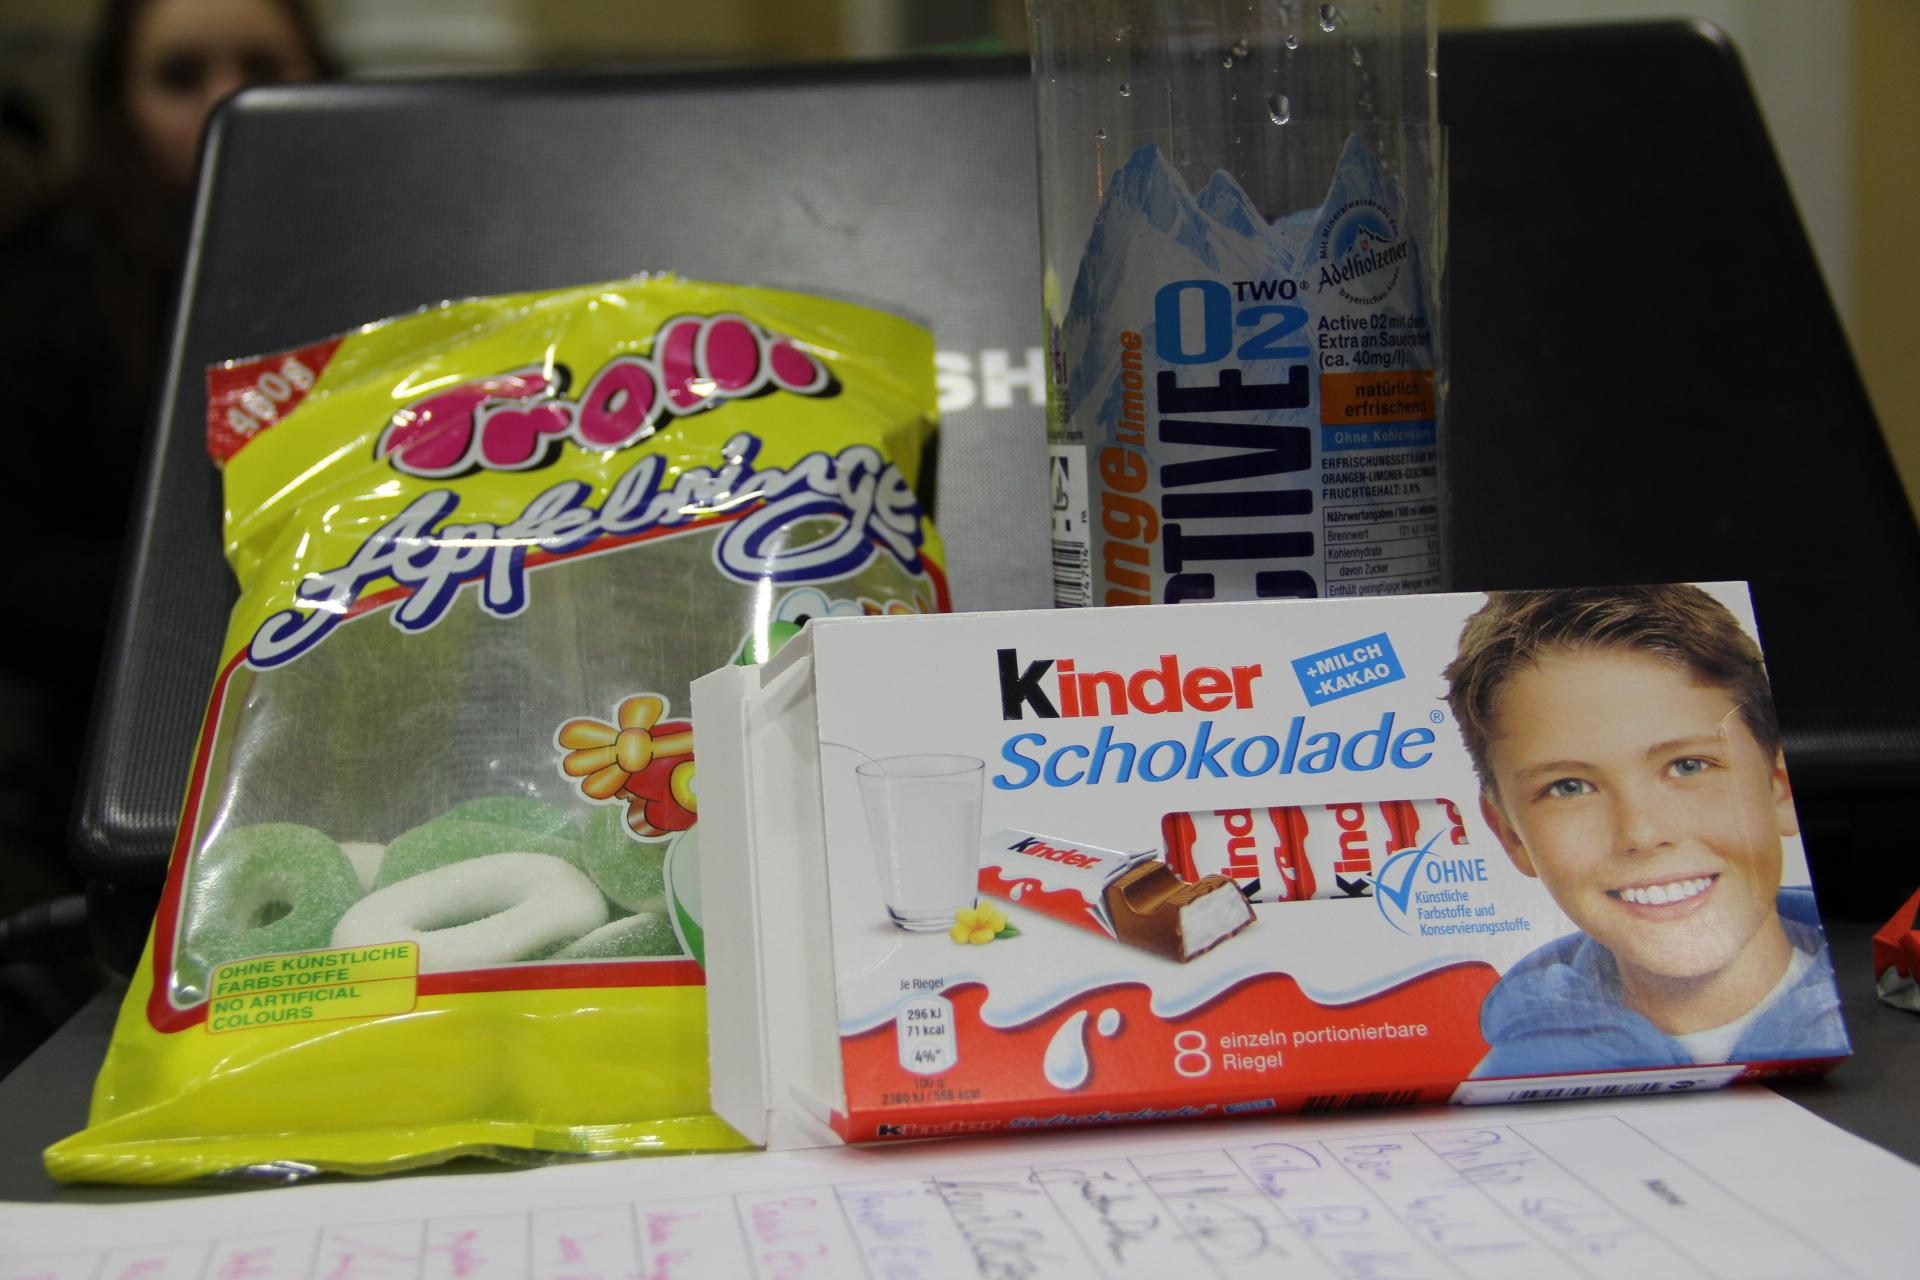 Äpfel, Milch und Sauerstoff (v. links). Unsere heutigen Begleiter.